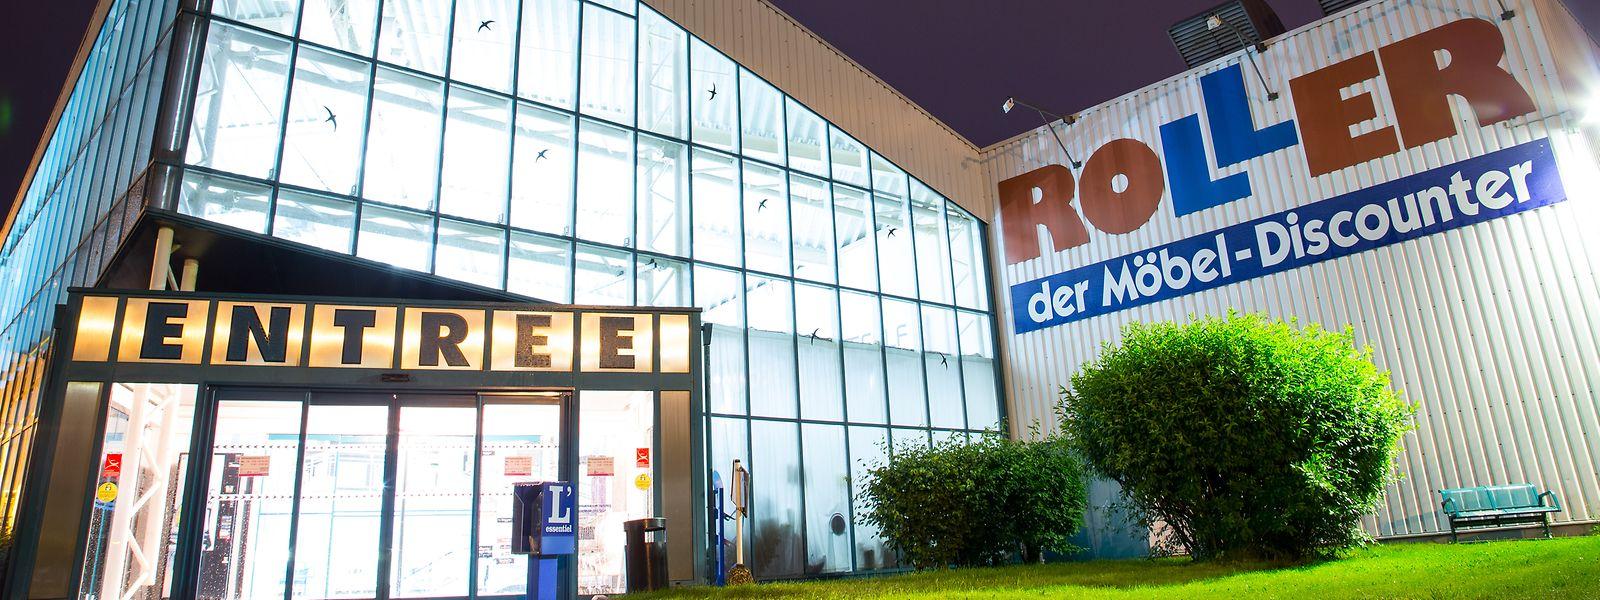 Die Möbelkette Roller ist in Luxemburg mit drei Filialen vertreten.